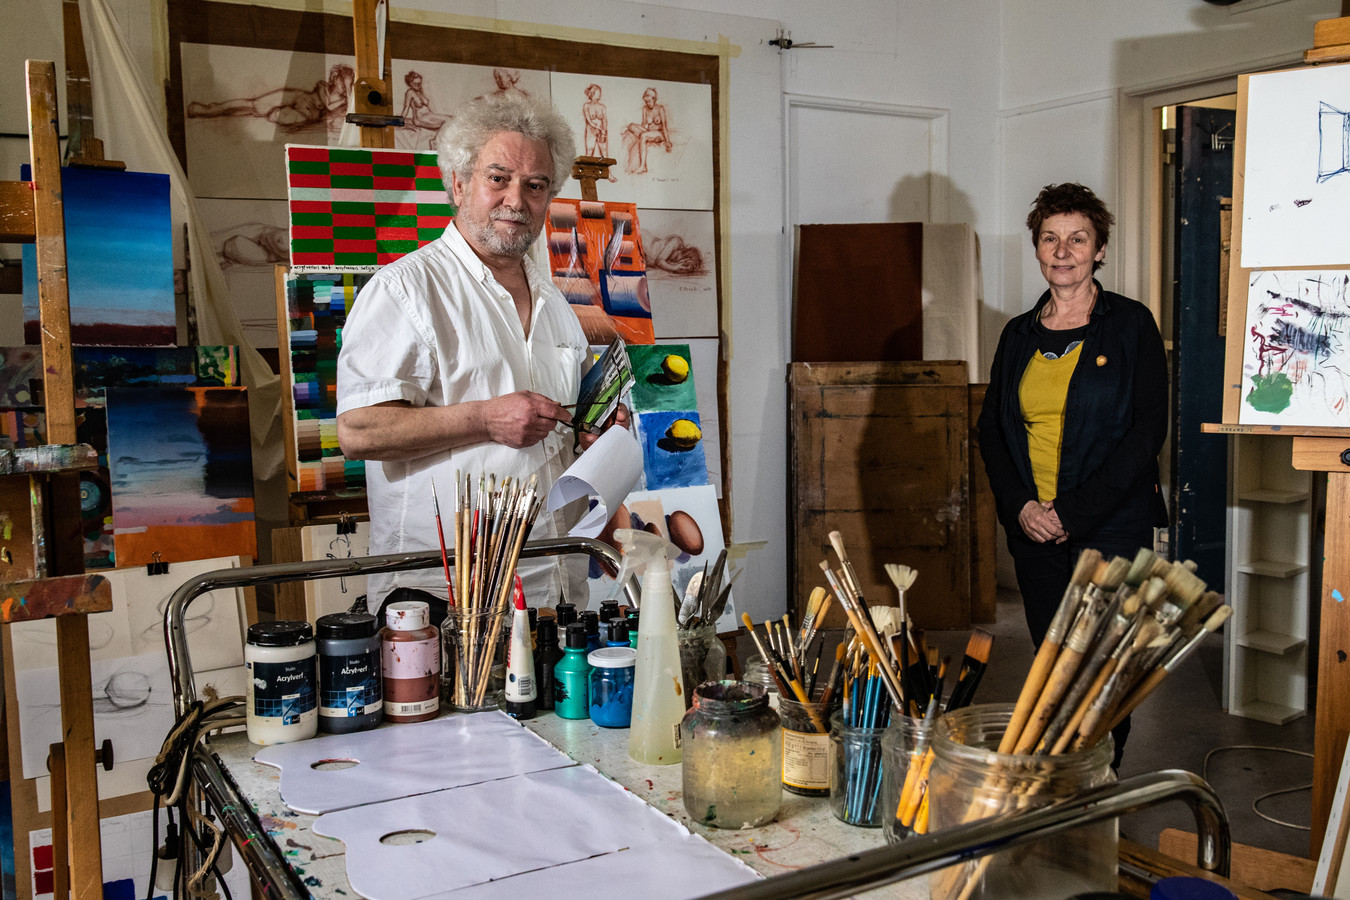 Fikret Devedzic (l) is een van de kunstenaars met een atelier in het Panta Rhei-gebouw. Samen met Lies Kortenhorst en een paar andere huurders probeert hij de mogelijke sloop van het pand tegen te houden.